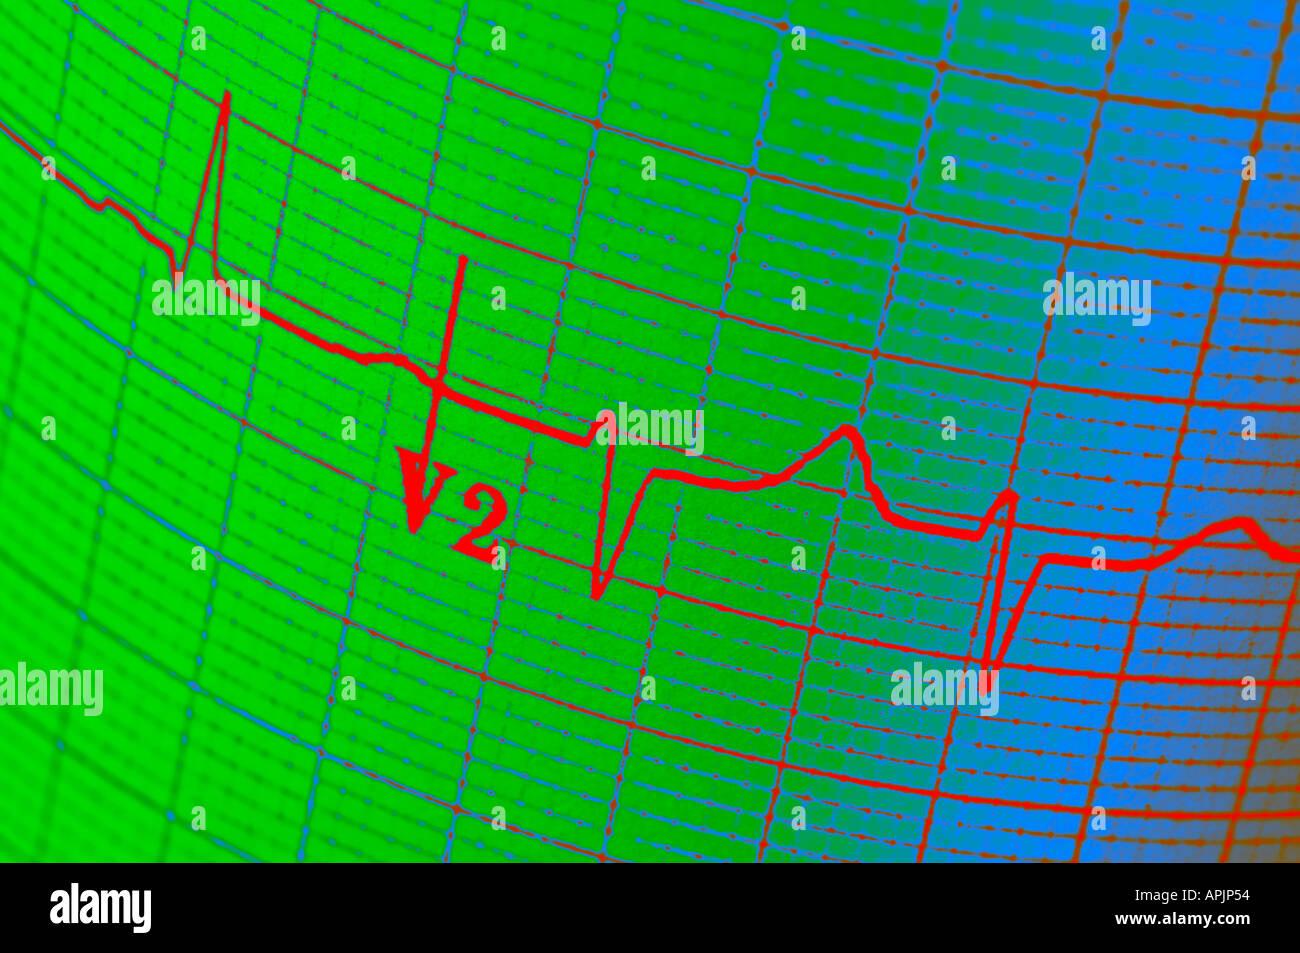 Elettrocardiogramma ECG closeup concetto vista Immagini Stock